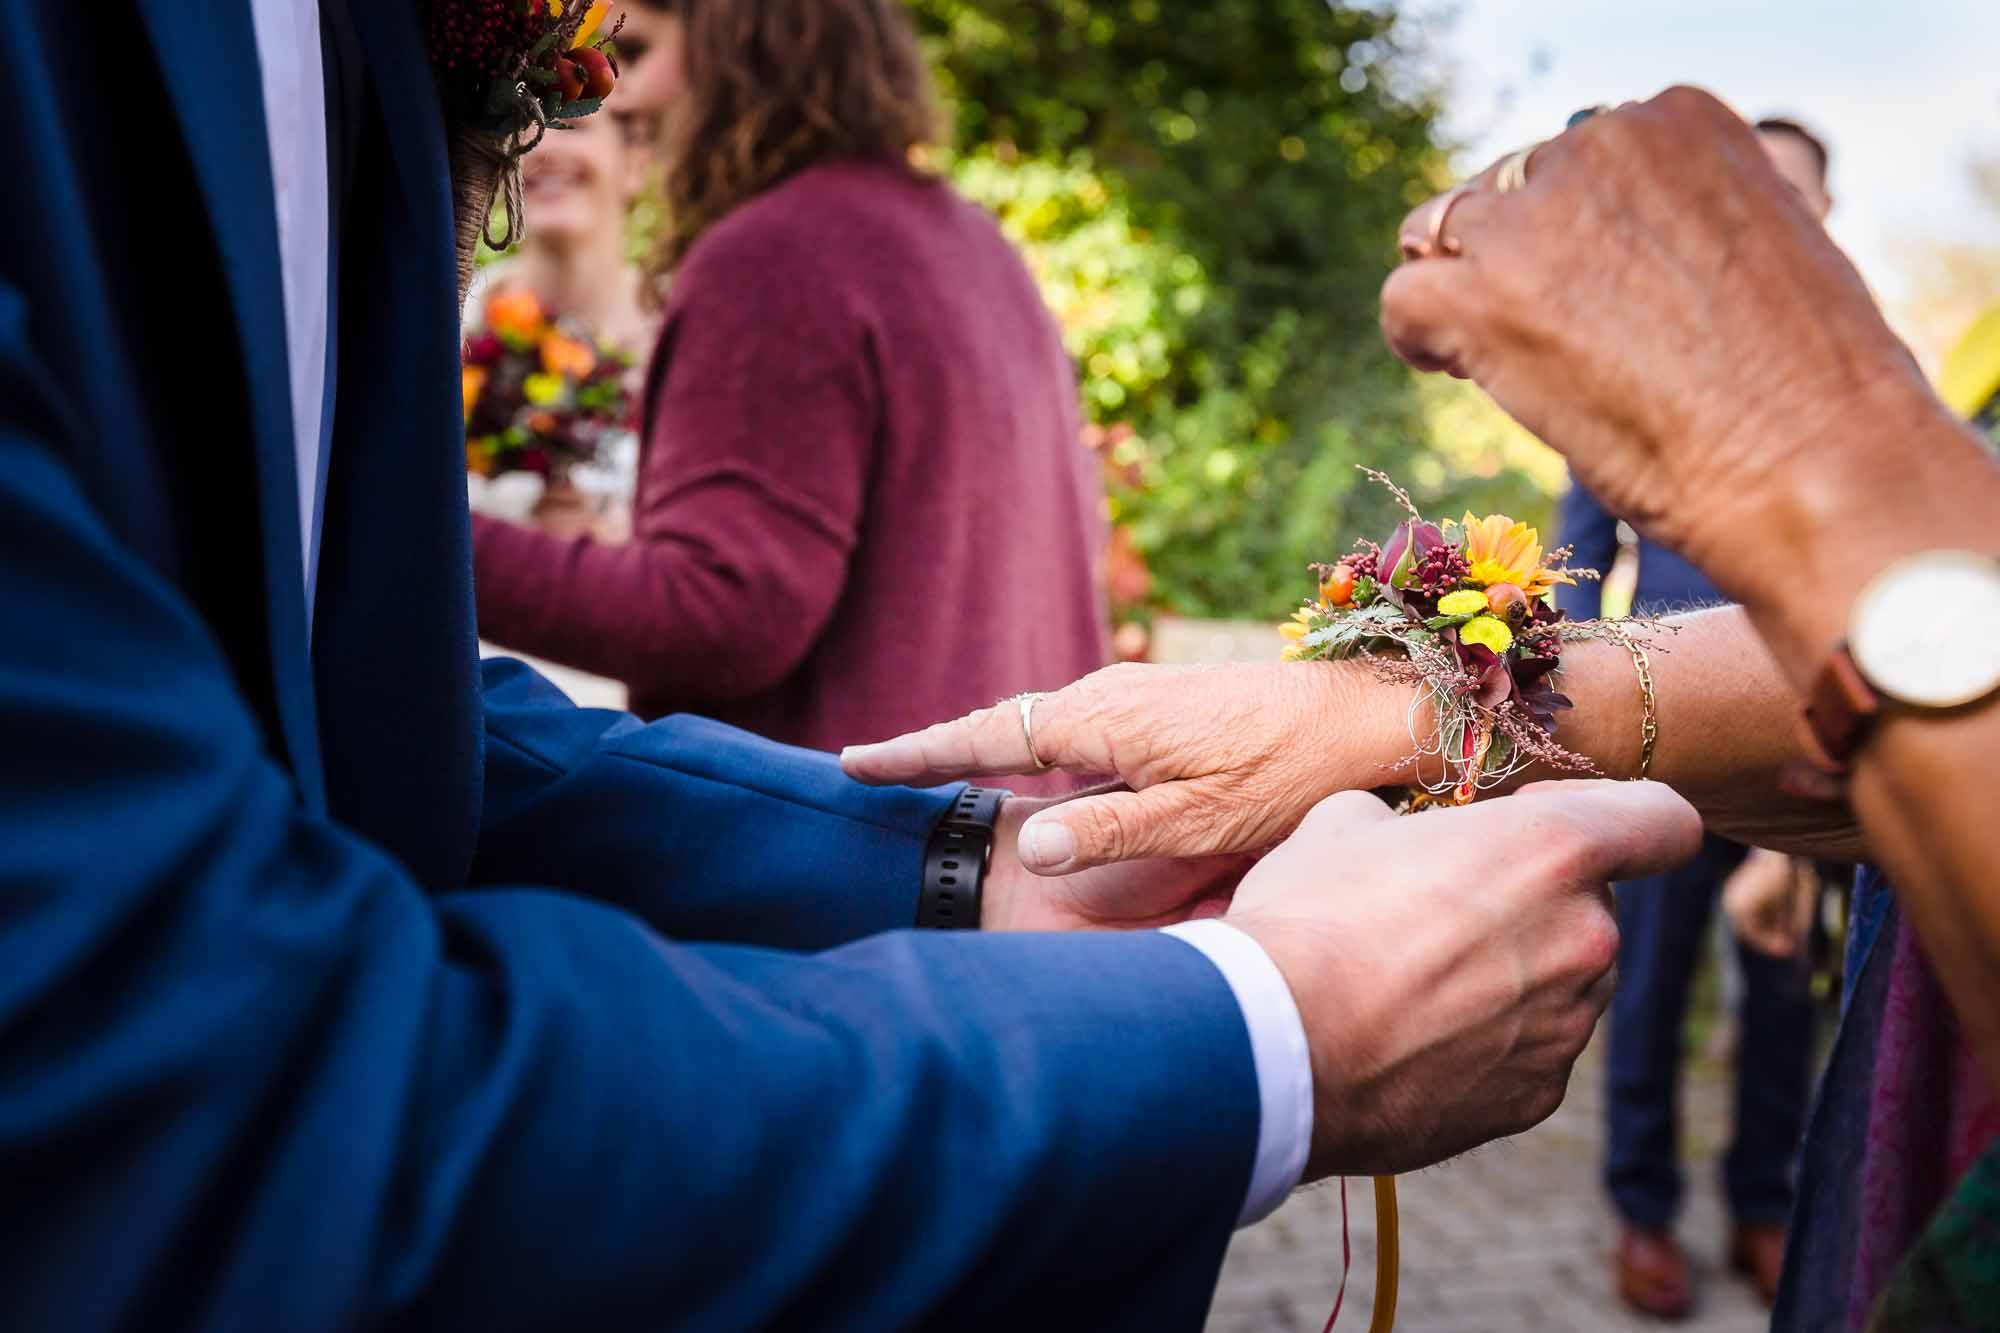 Blumenschmuck wird ums Handgelenk gebunden